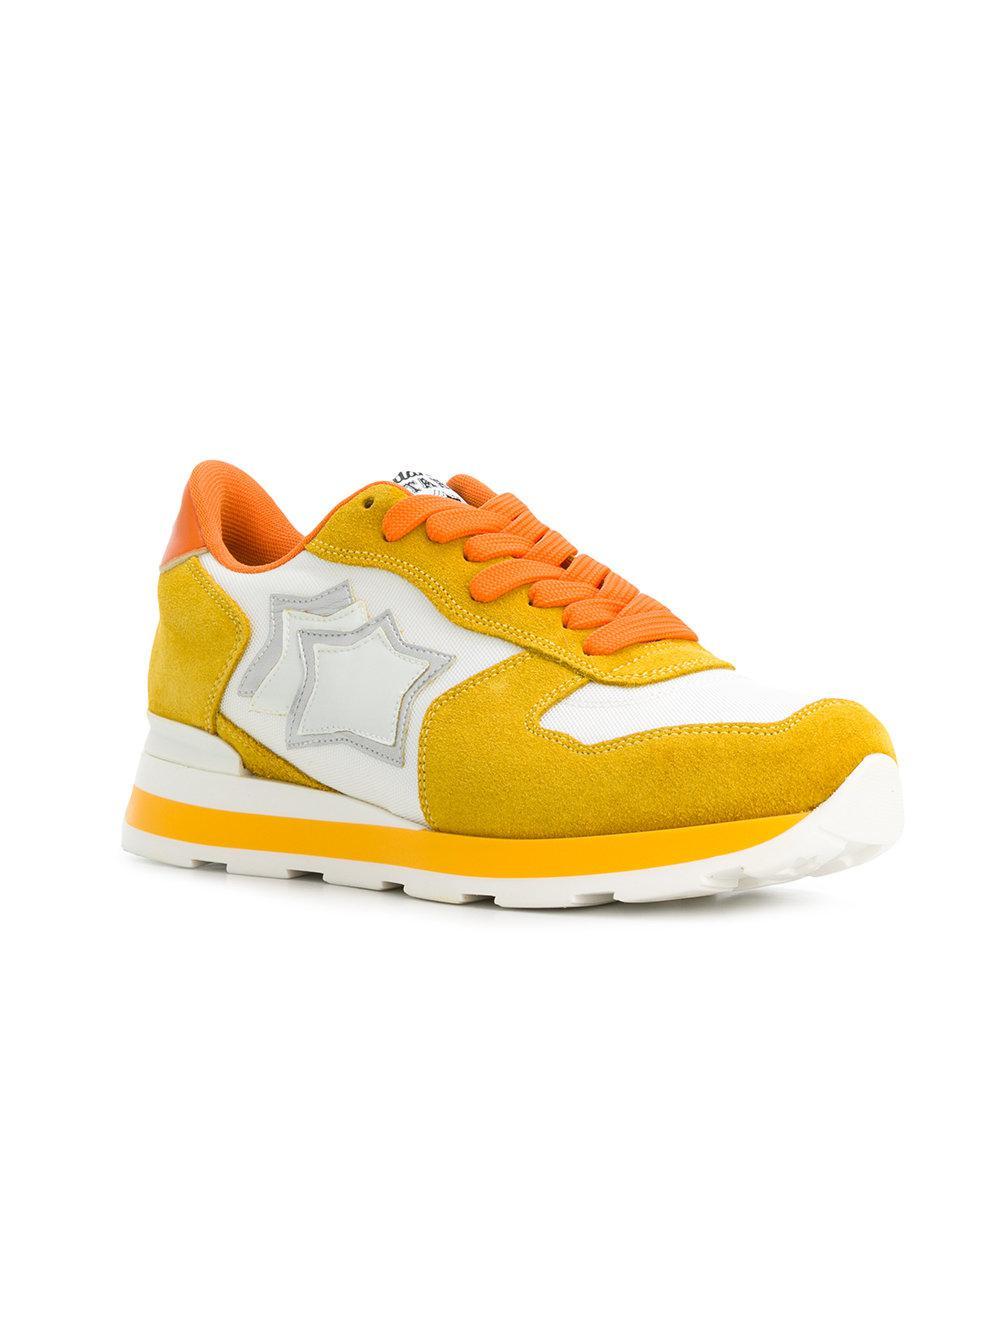 Vega sneakers - Yellow & Orange Atlantic Stars 87wd7ErH9